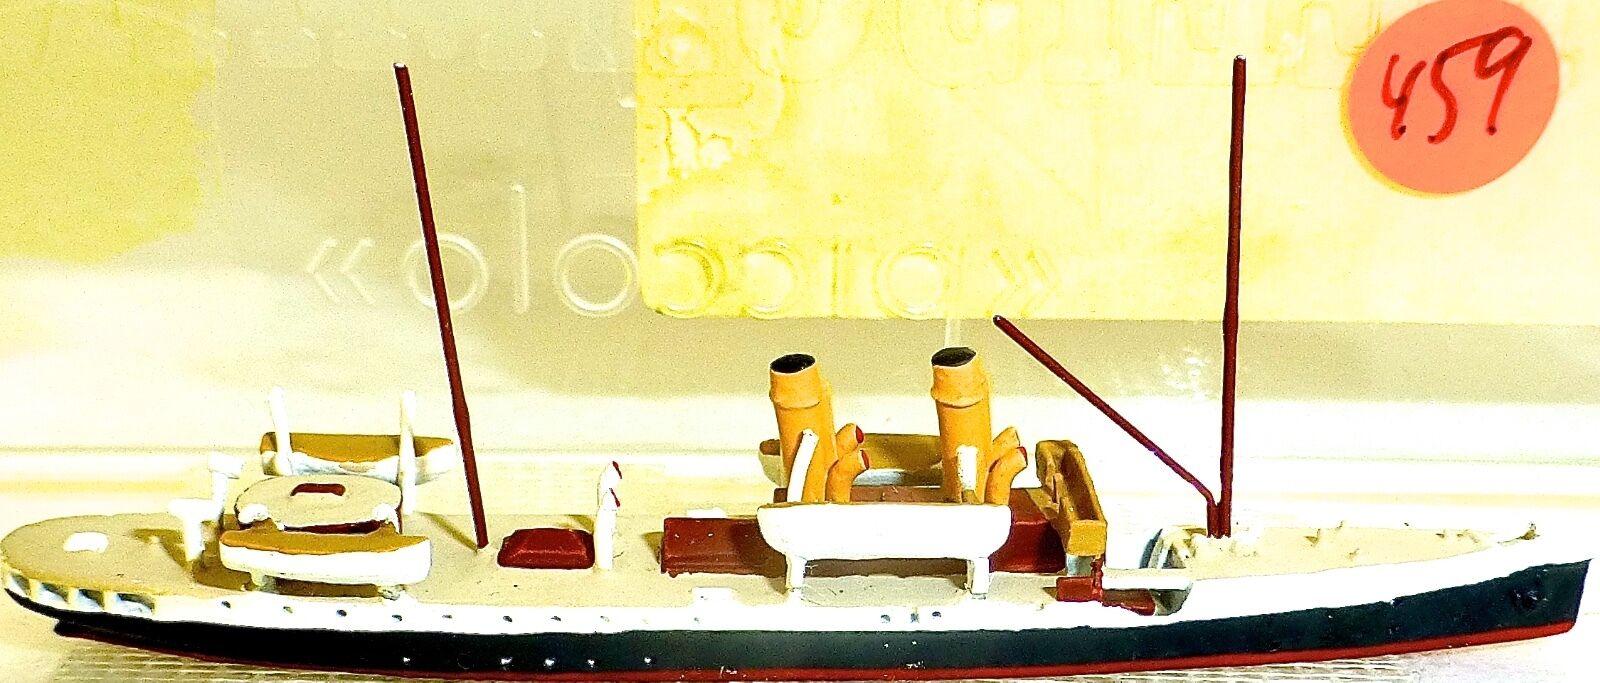 Yacht Prince Waldemar GM Modèle de Bateau GM S4 1:1250 SHP459 Å | Ont Longtemps Joui D'une Grande Renommée